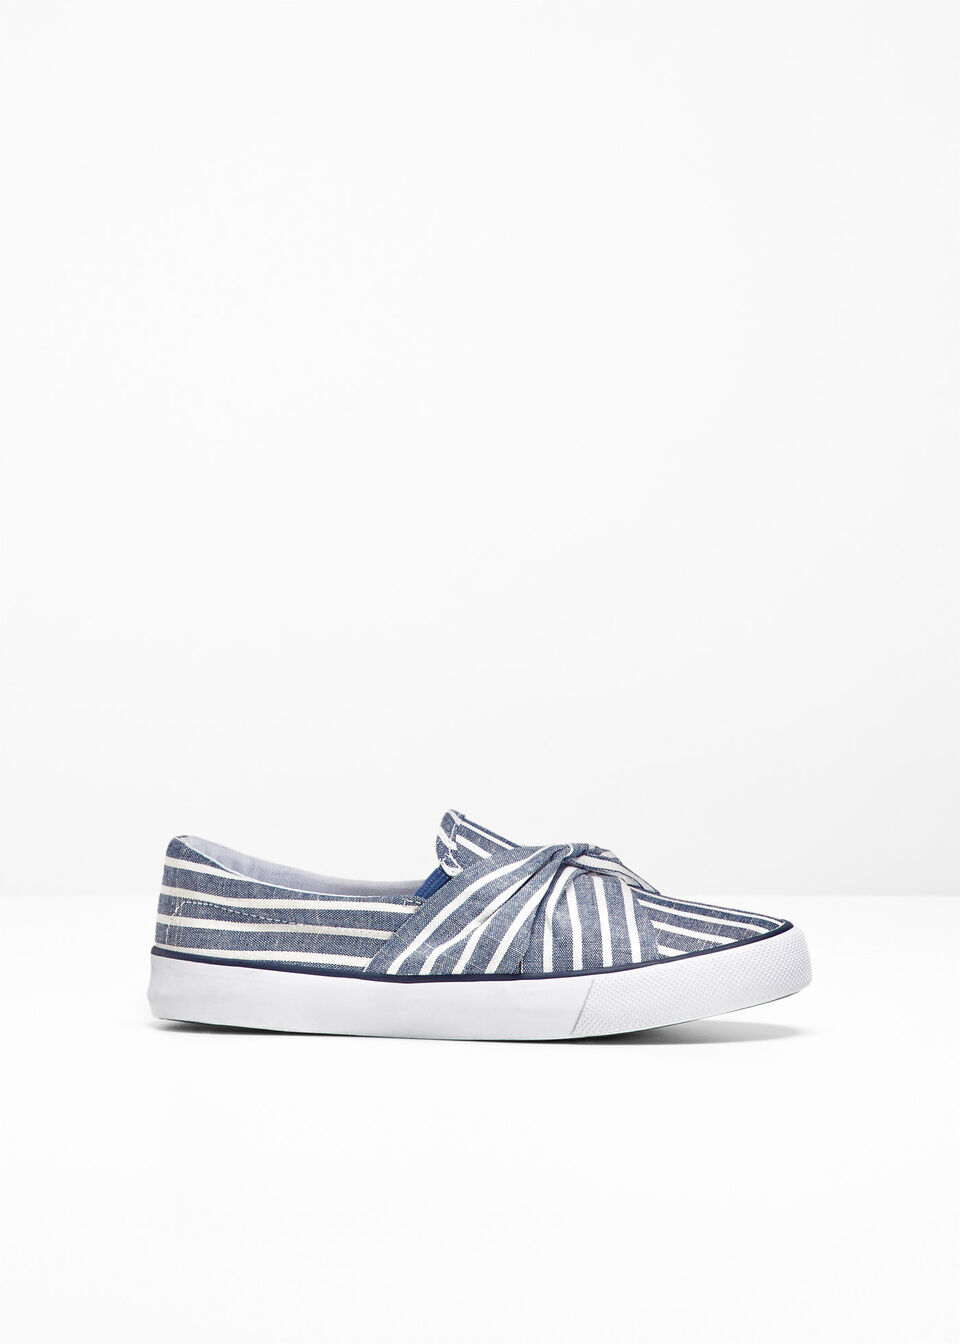 354a4dab6f78 Topánky slip on biela Na rýchle obúvanie • 16.99 € • bonprix